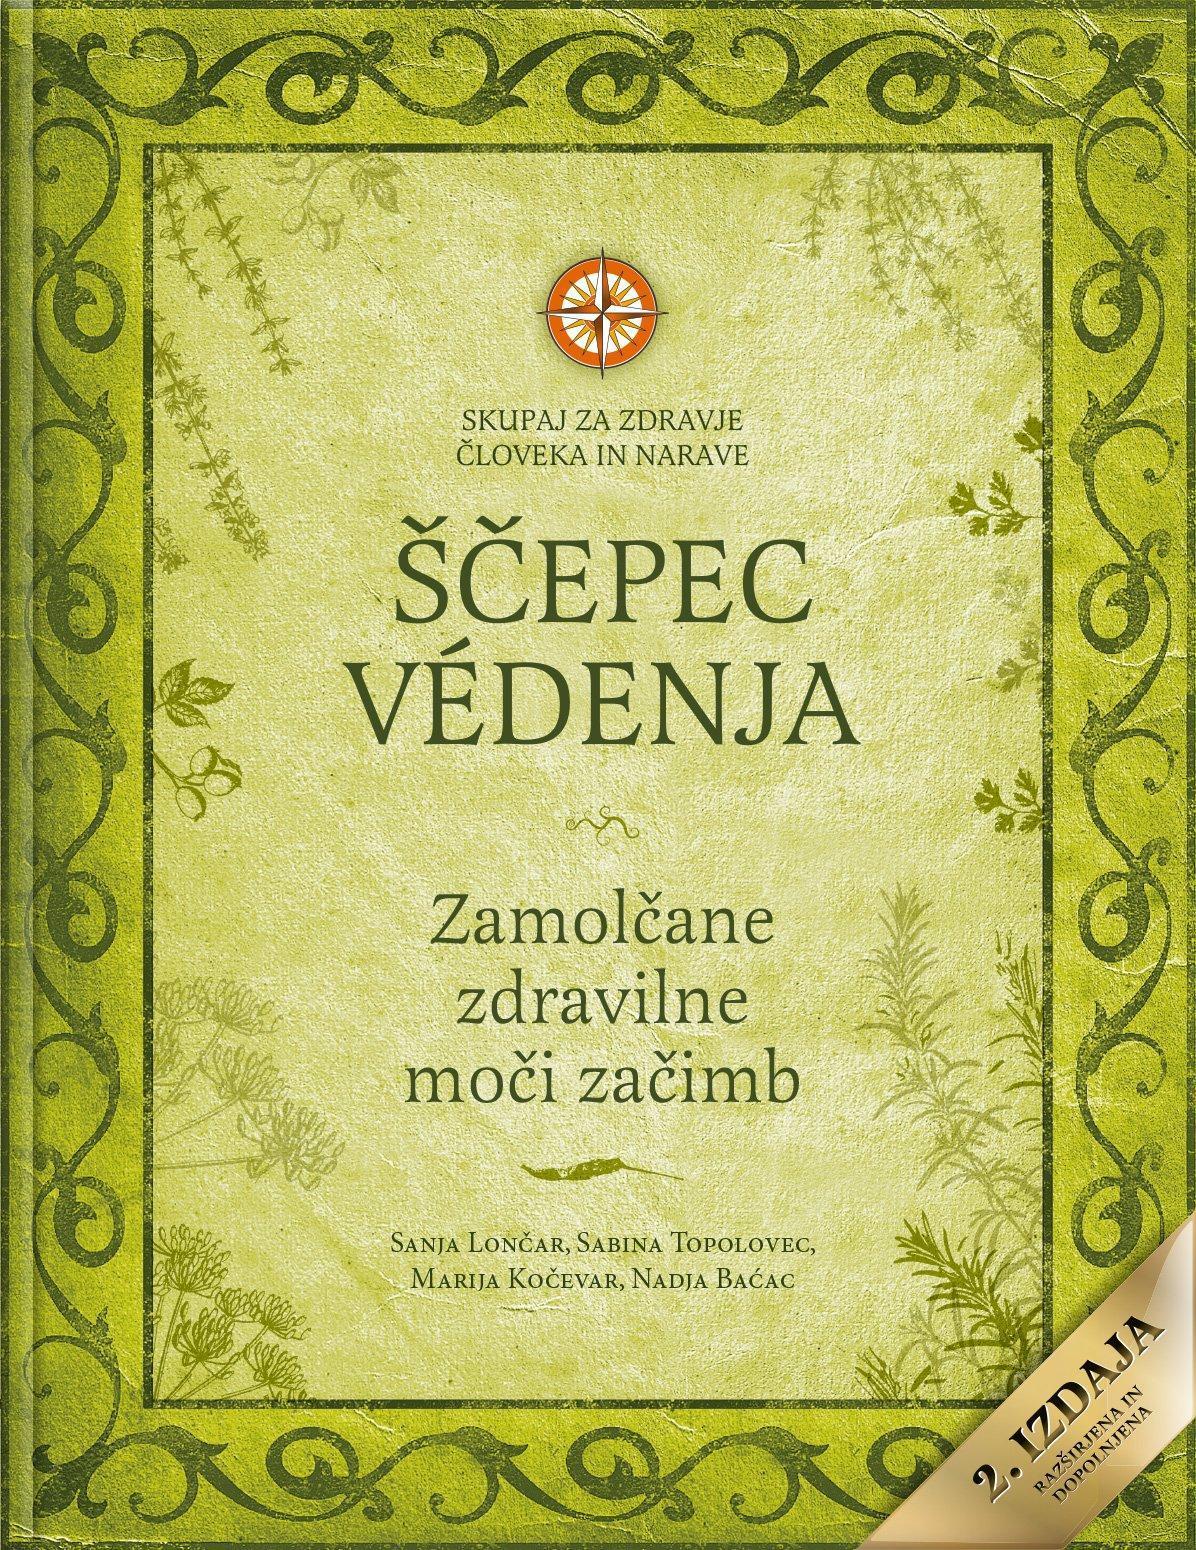 Ščepec vedenja 2. izdaja – Sanja Lončar